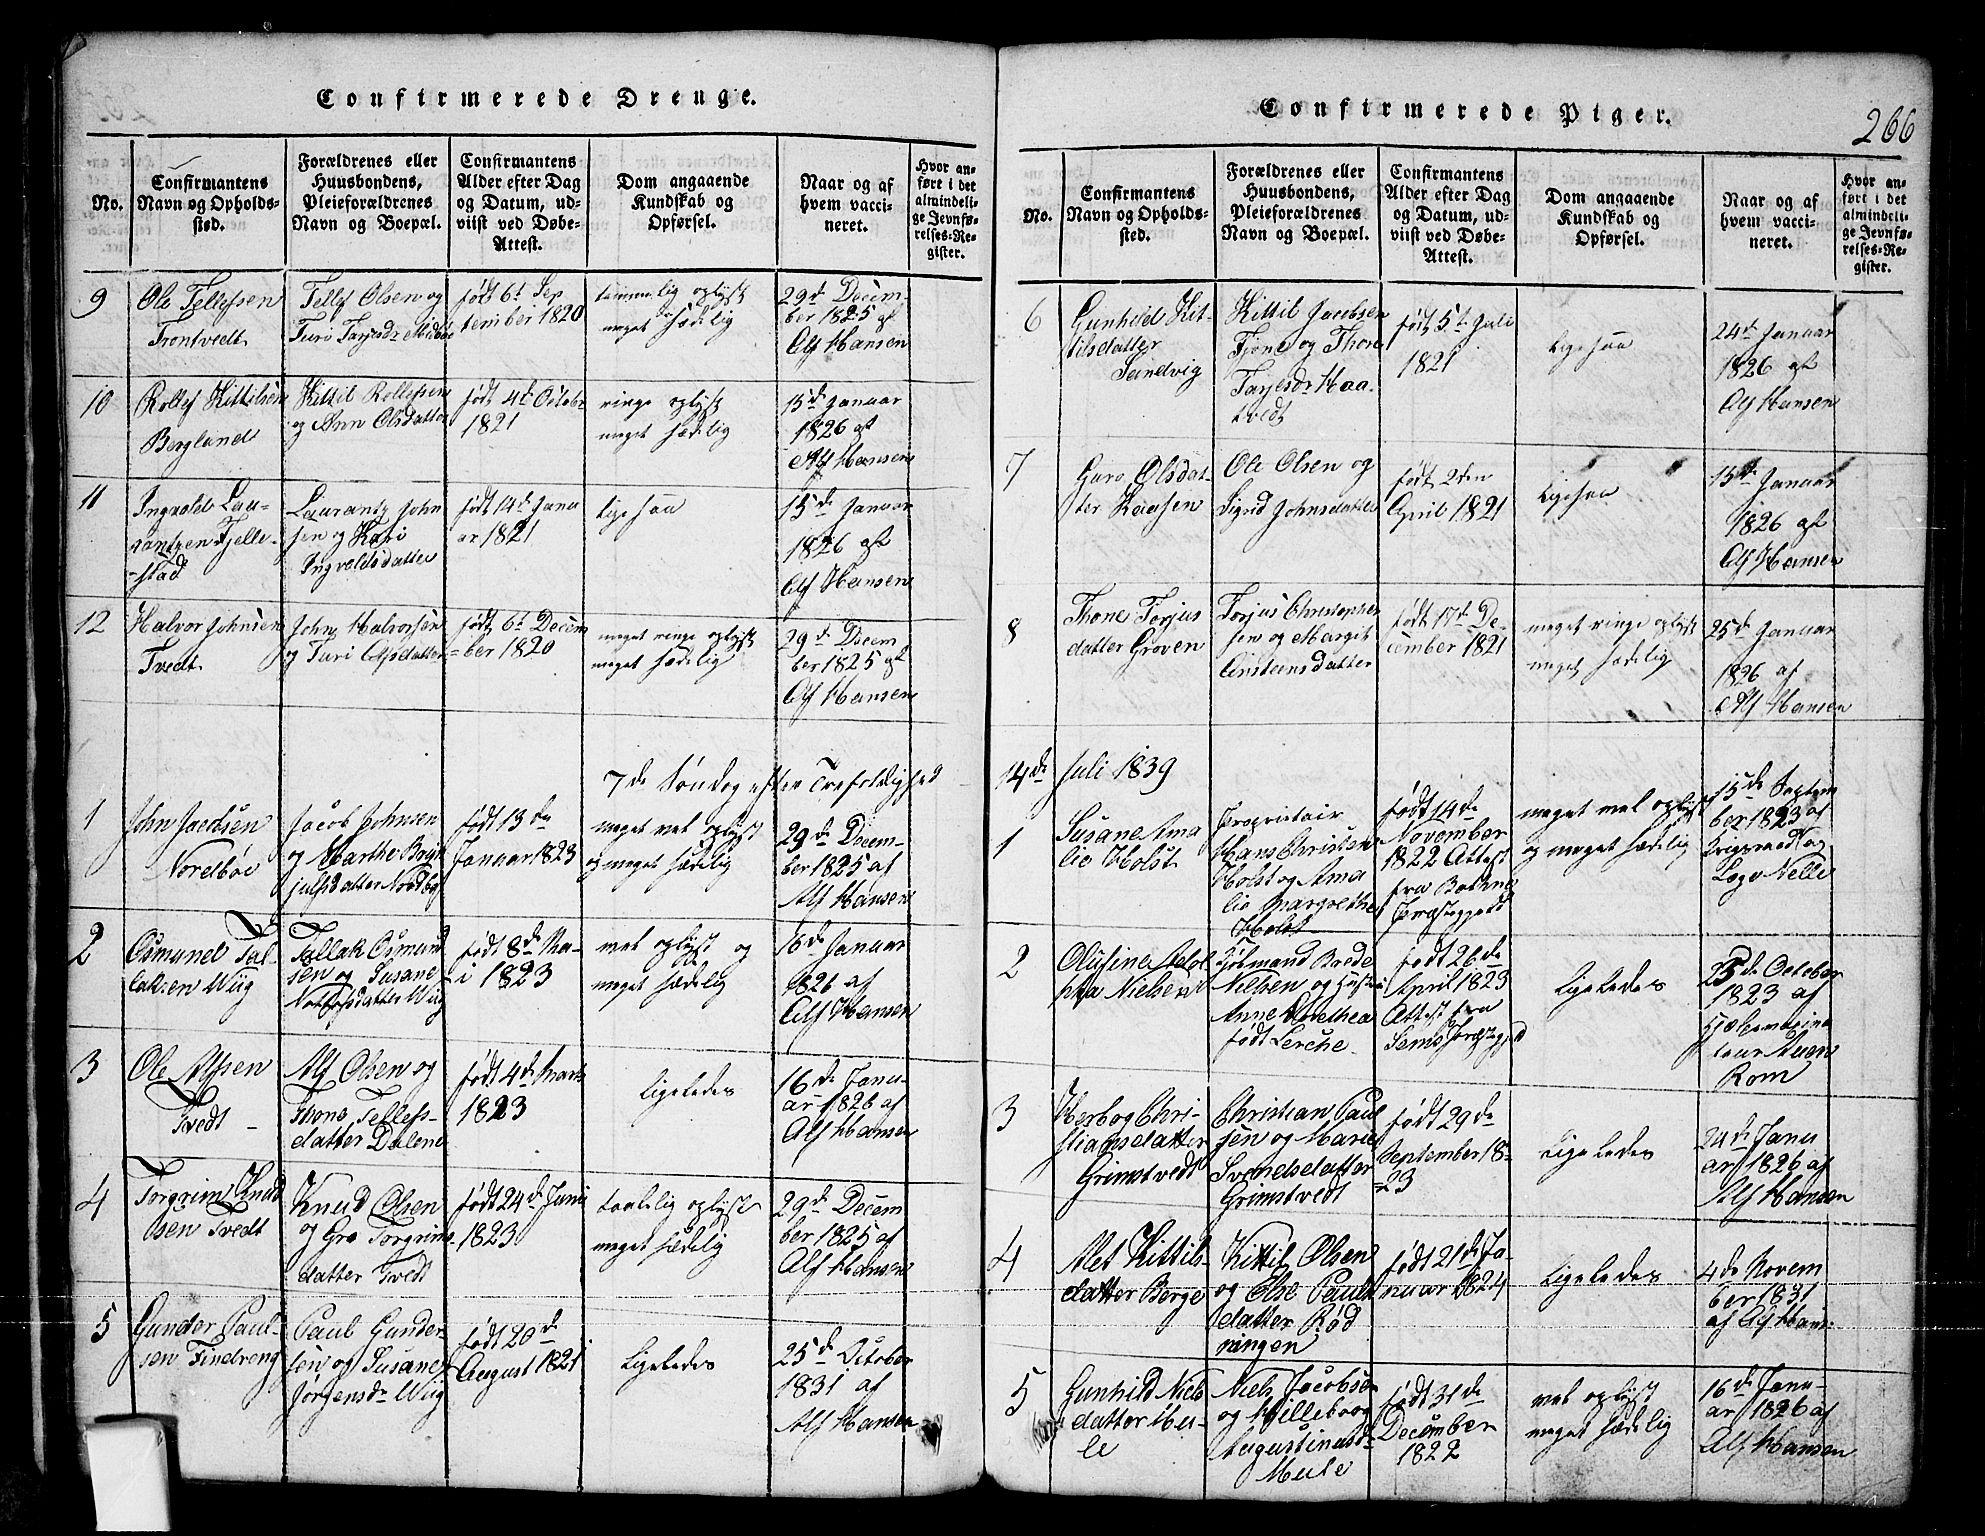 SAKO, Nissedal kirkebøker, G/Ga/L0001: Klokkerbok nr. I 1, 1814-1860, s. 266